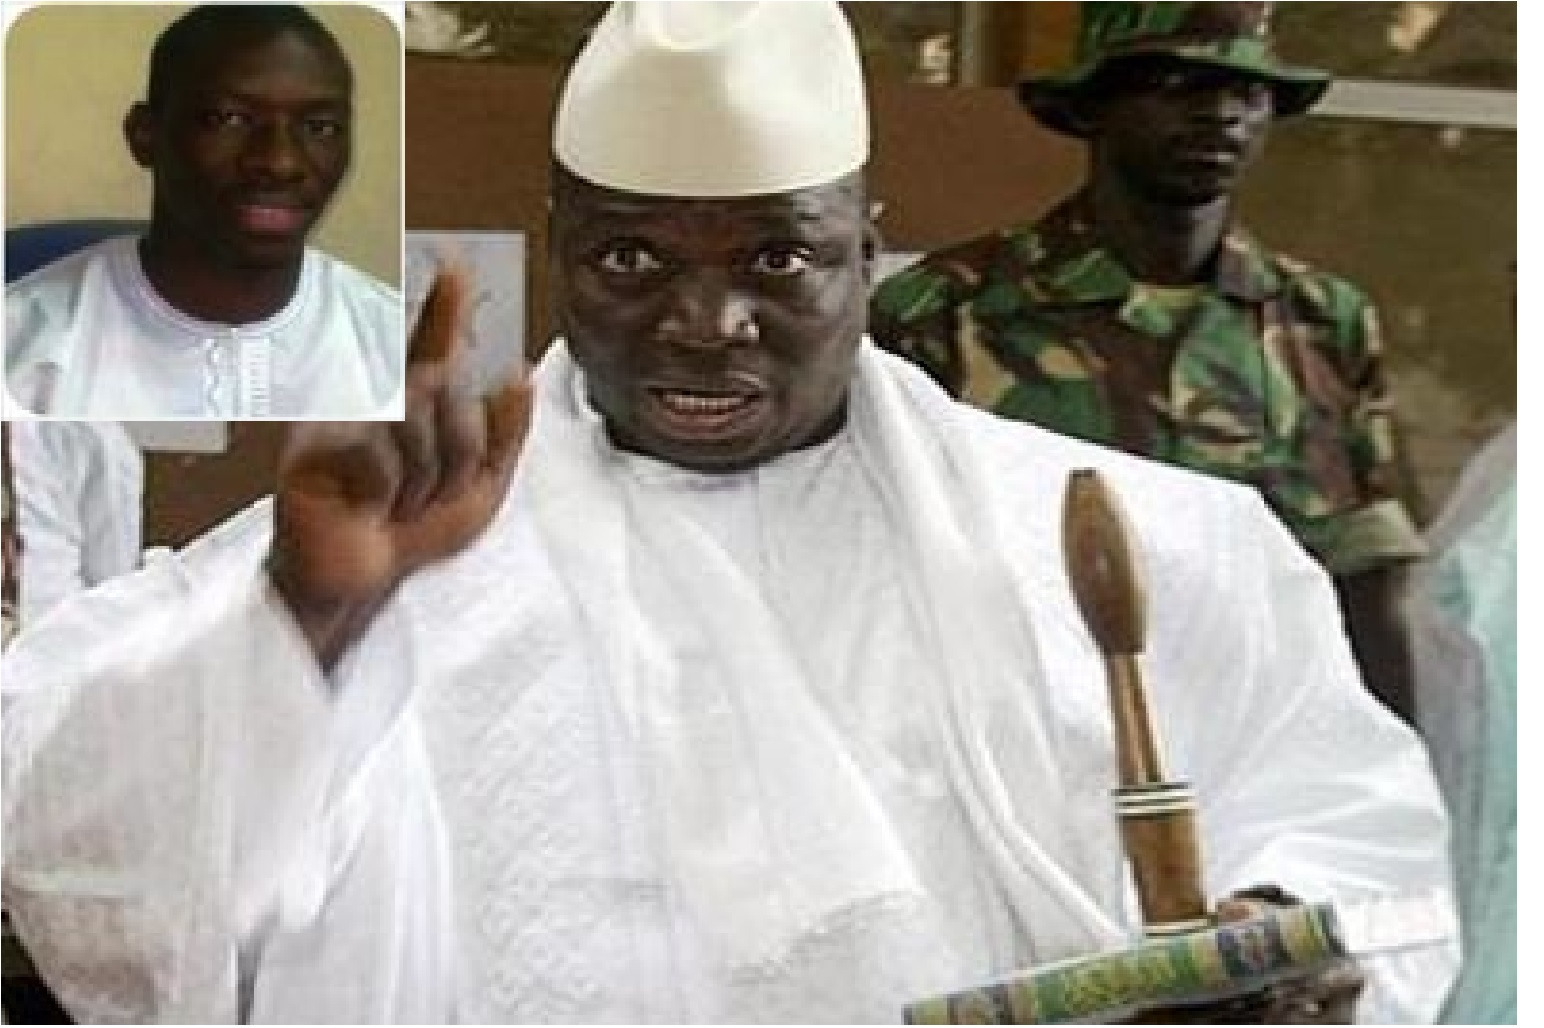 Après s'être échappé de l'hôpital de Banjul où il était soigné : Le journaliste gambien Alagie Ceesay a trouvé refuge au Sénégal